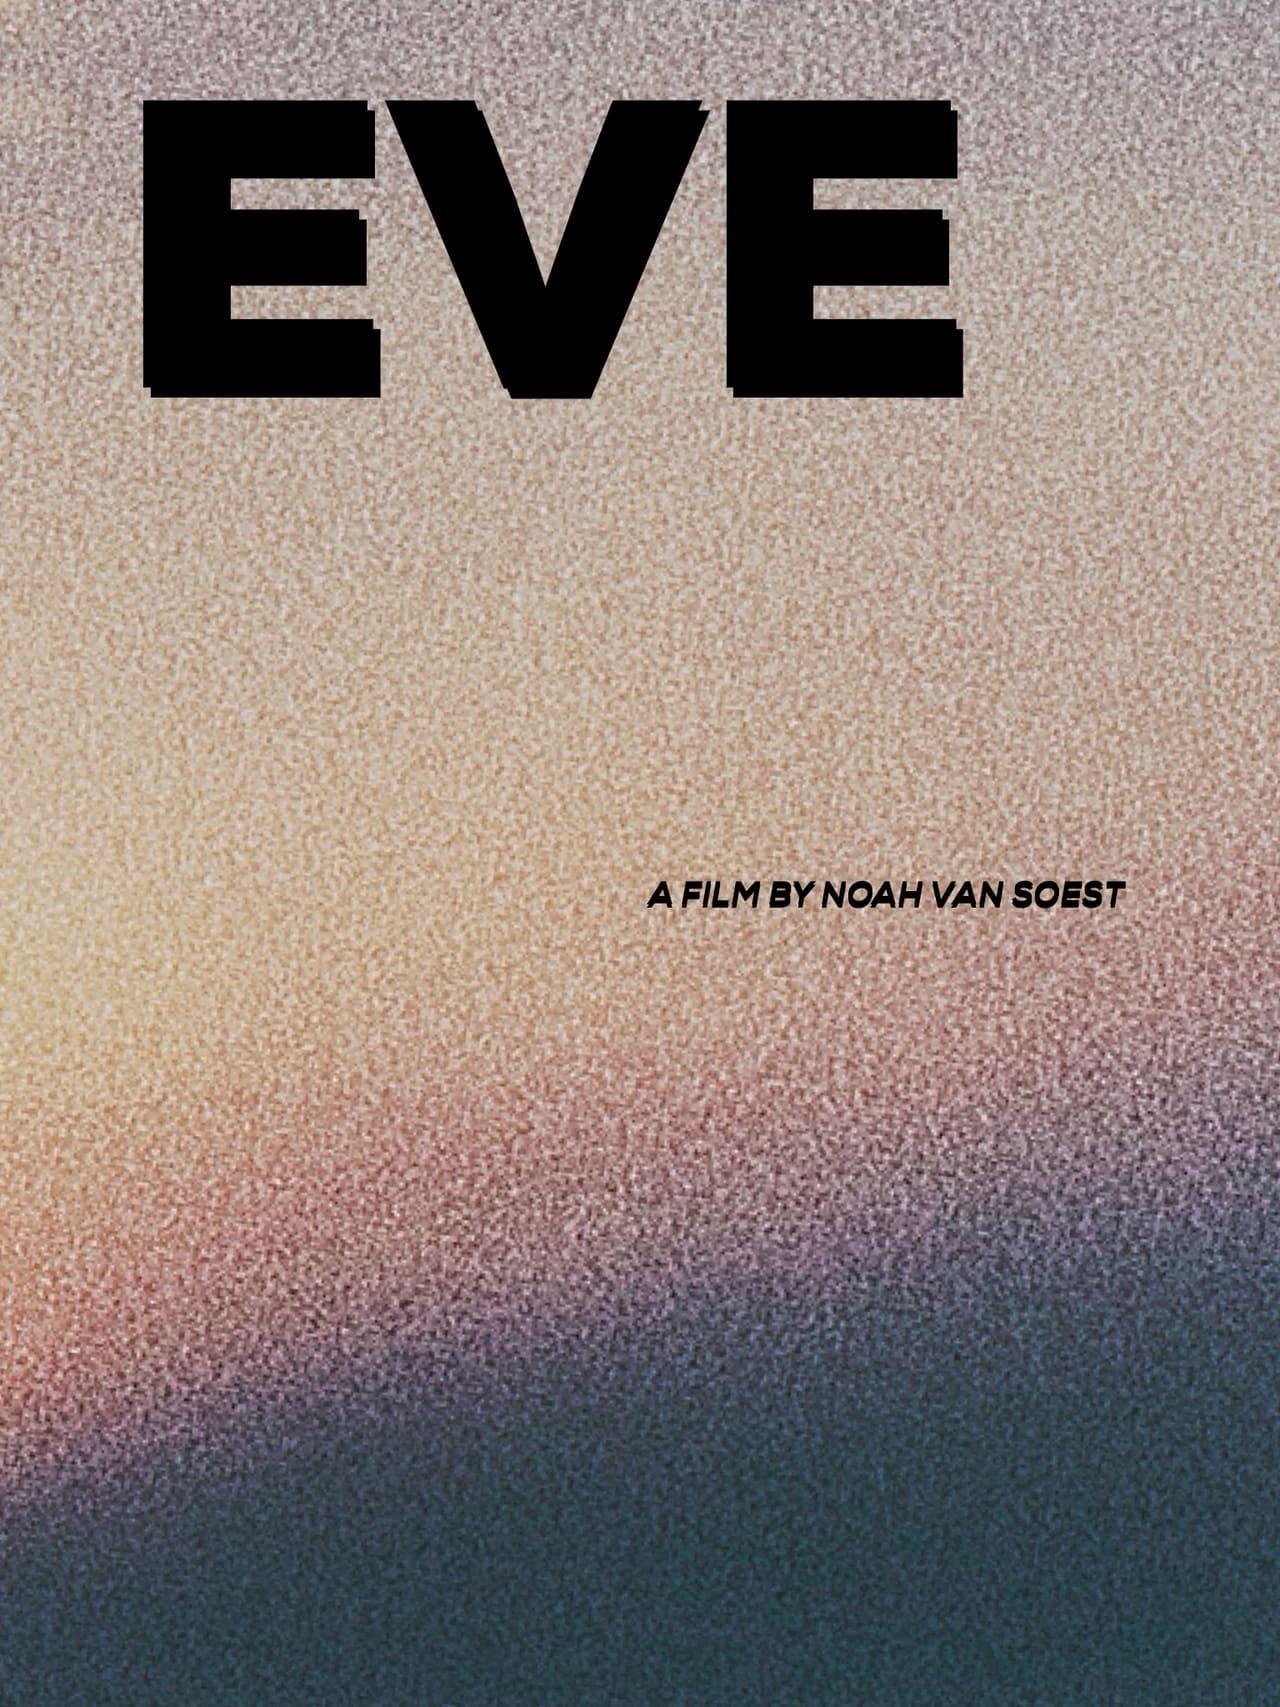 Eve (2021)